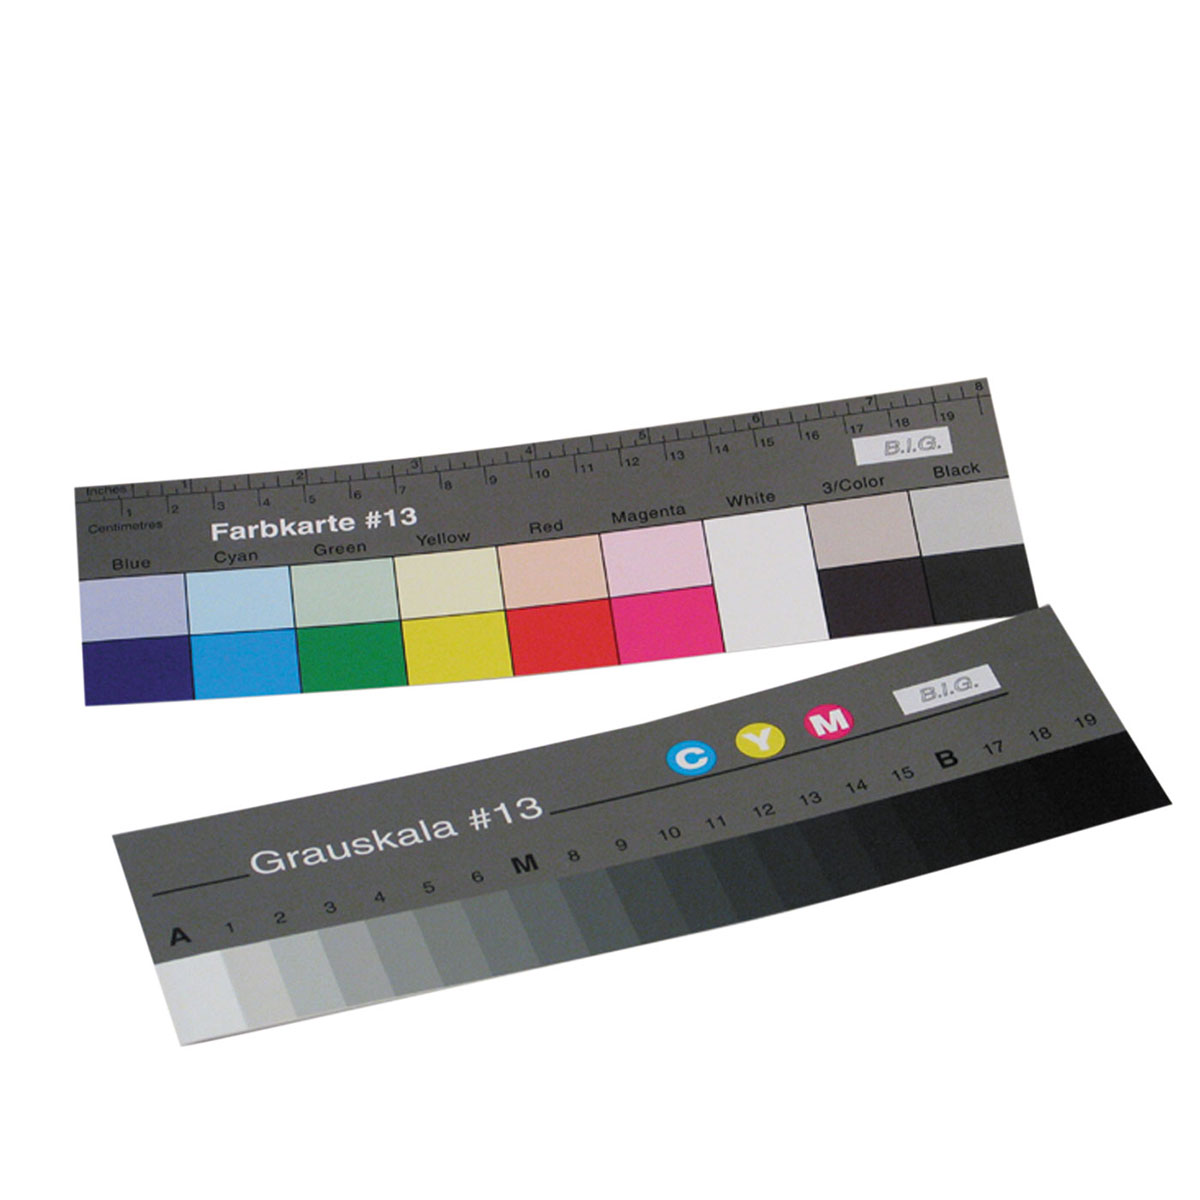 B.I.G. Stufengraukeil und Farbkarte #13  18 cm